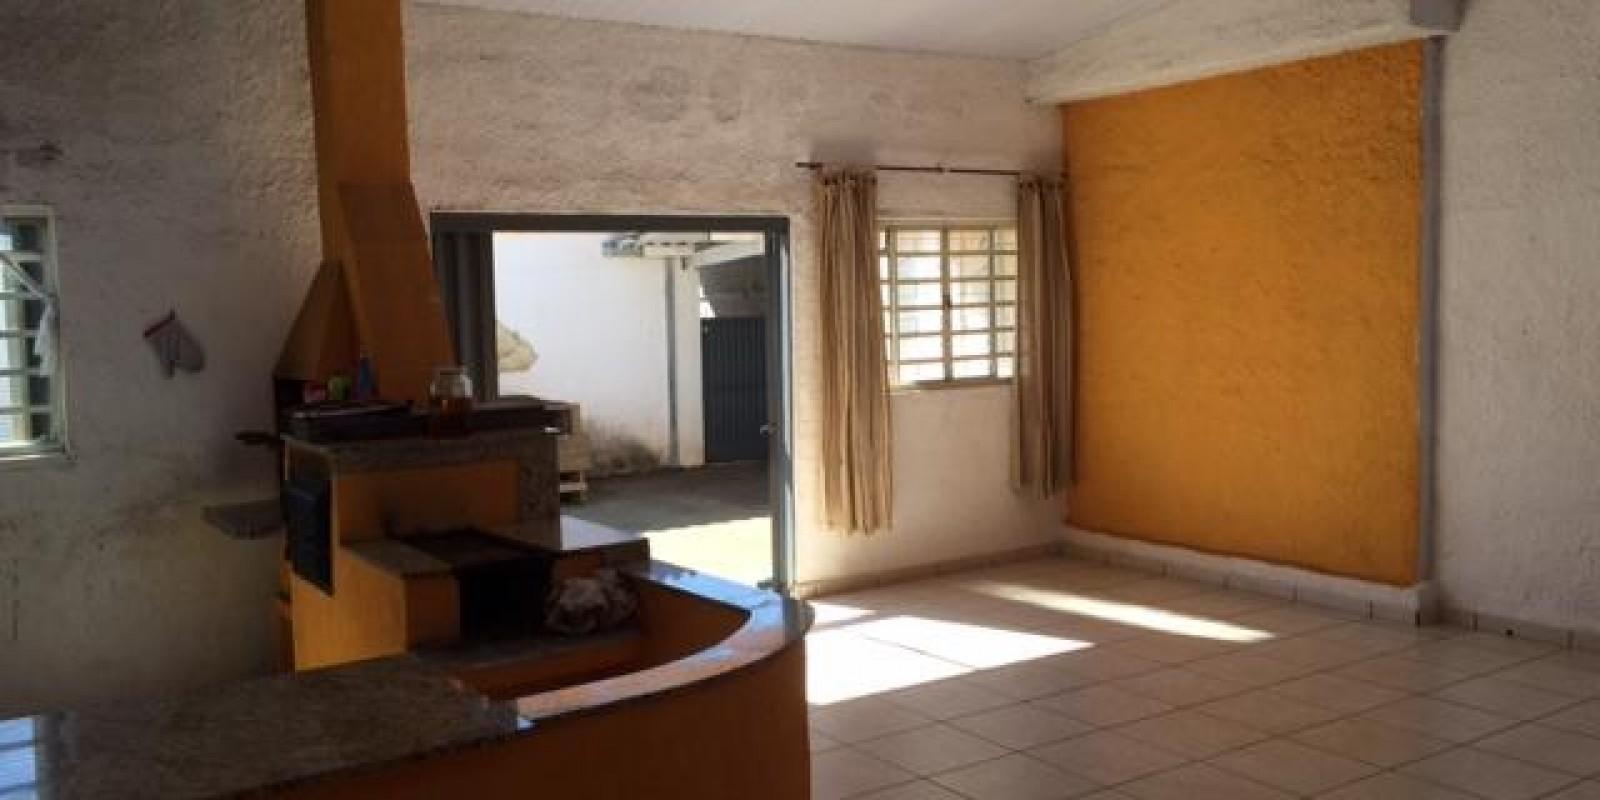 Casa no Centro de Avaré SP - Foto 12 de 12